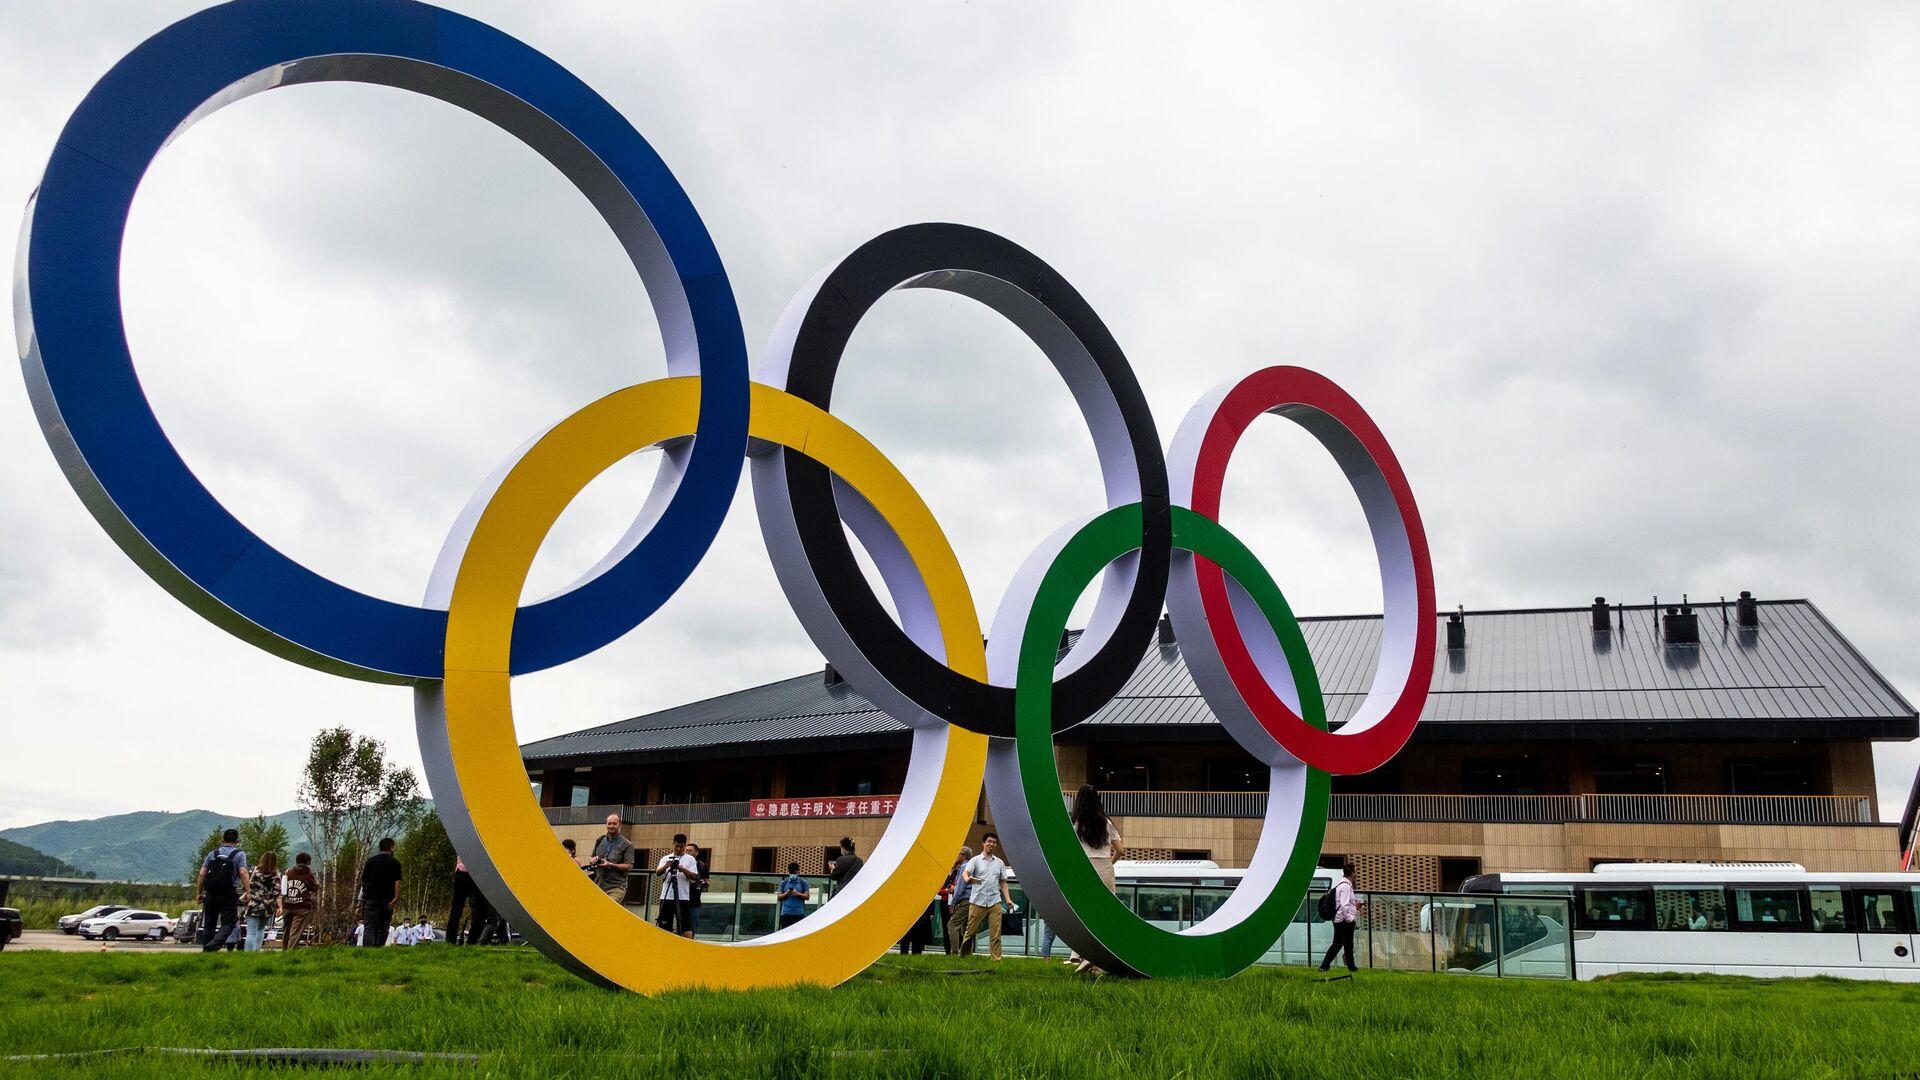 Олимпийские кольца в олимпийской деревне в Чжанцзякоу для атлетов, которые будут участвовать в соревнованиях по лыжным гонкам, биатлону, сноуборду, прыжкам с трамплина. - РИА Новости, 1920, 23.09.2021